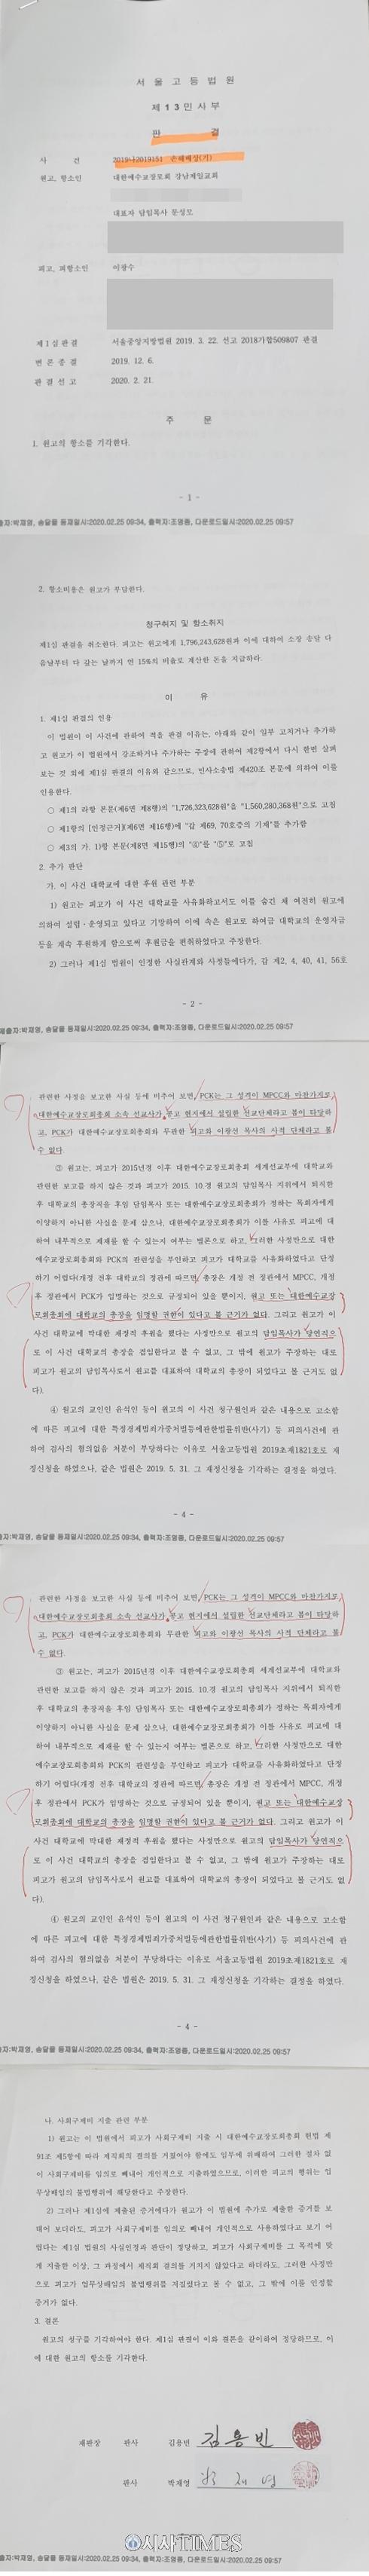 <교회와신앙>, 콩고 대학교 관련 허위보도…서울고법 판결문을 아전인수 격으로 해석